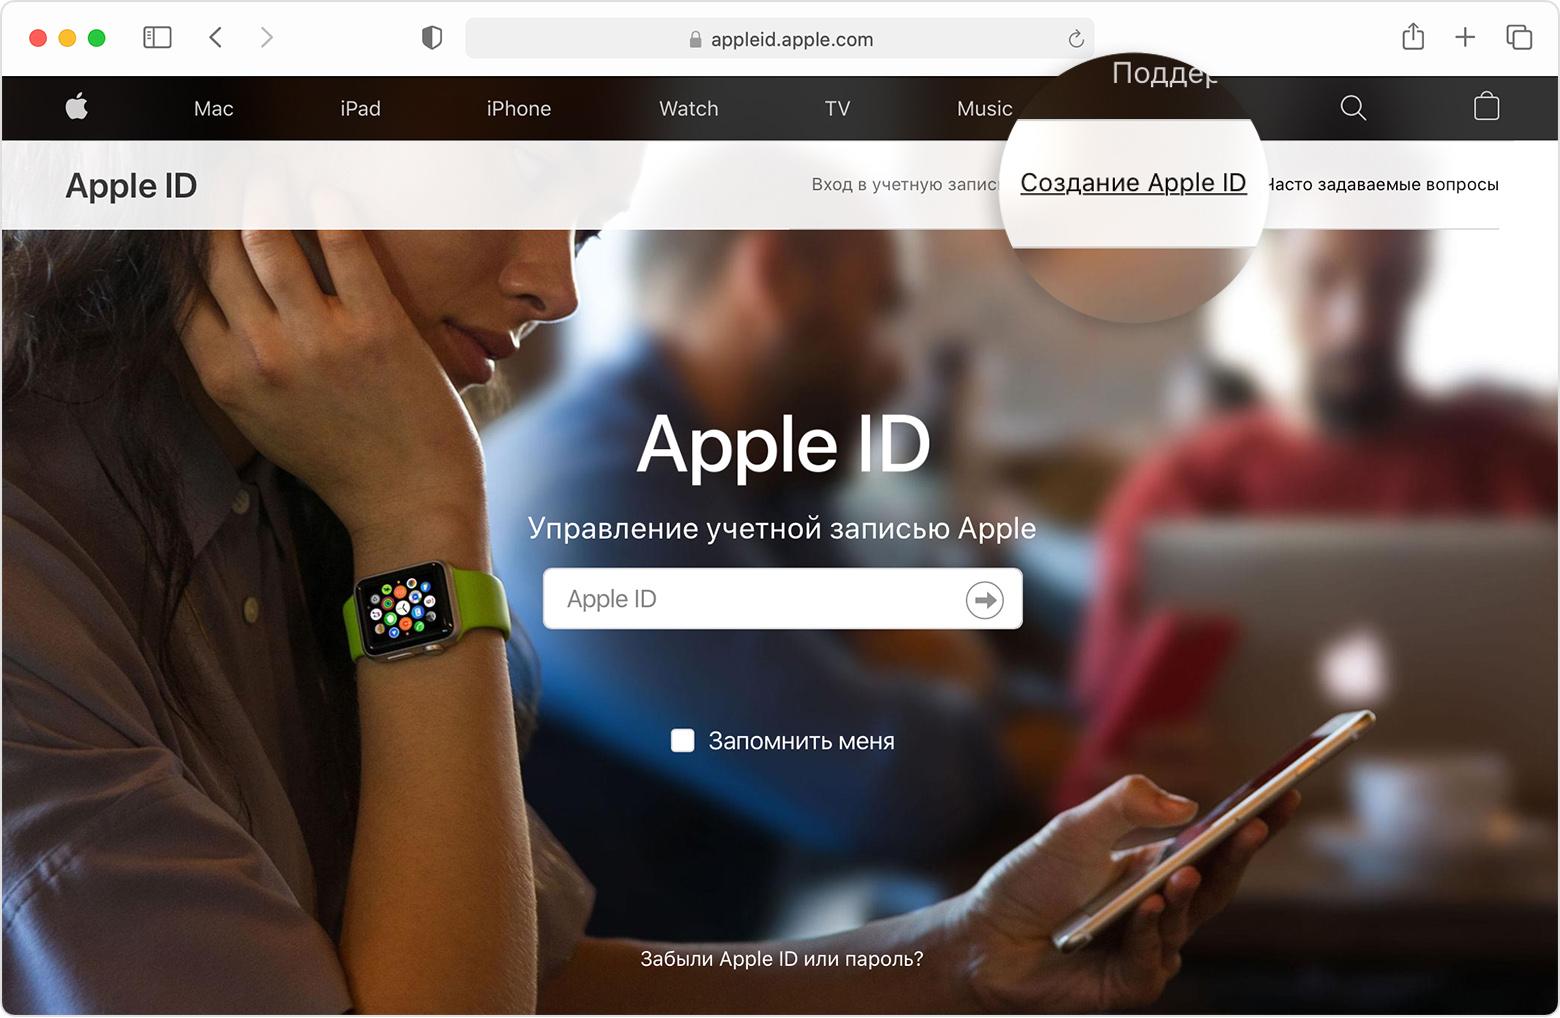 Окно браузера Safari, в котором открыта страница appleid.apple.com с увеличенной ссылкой «Создать Apple ID»